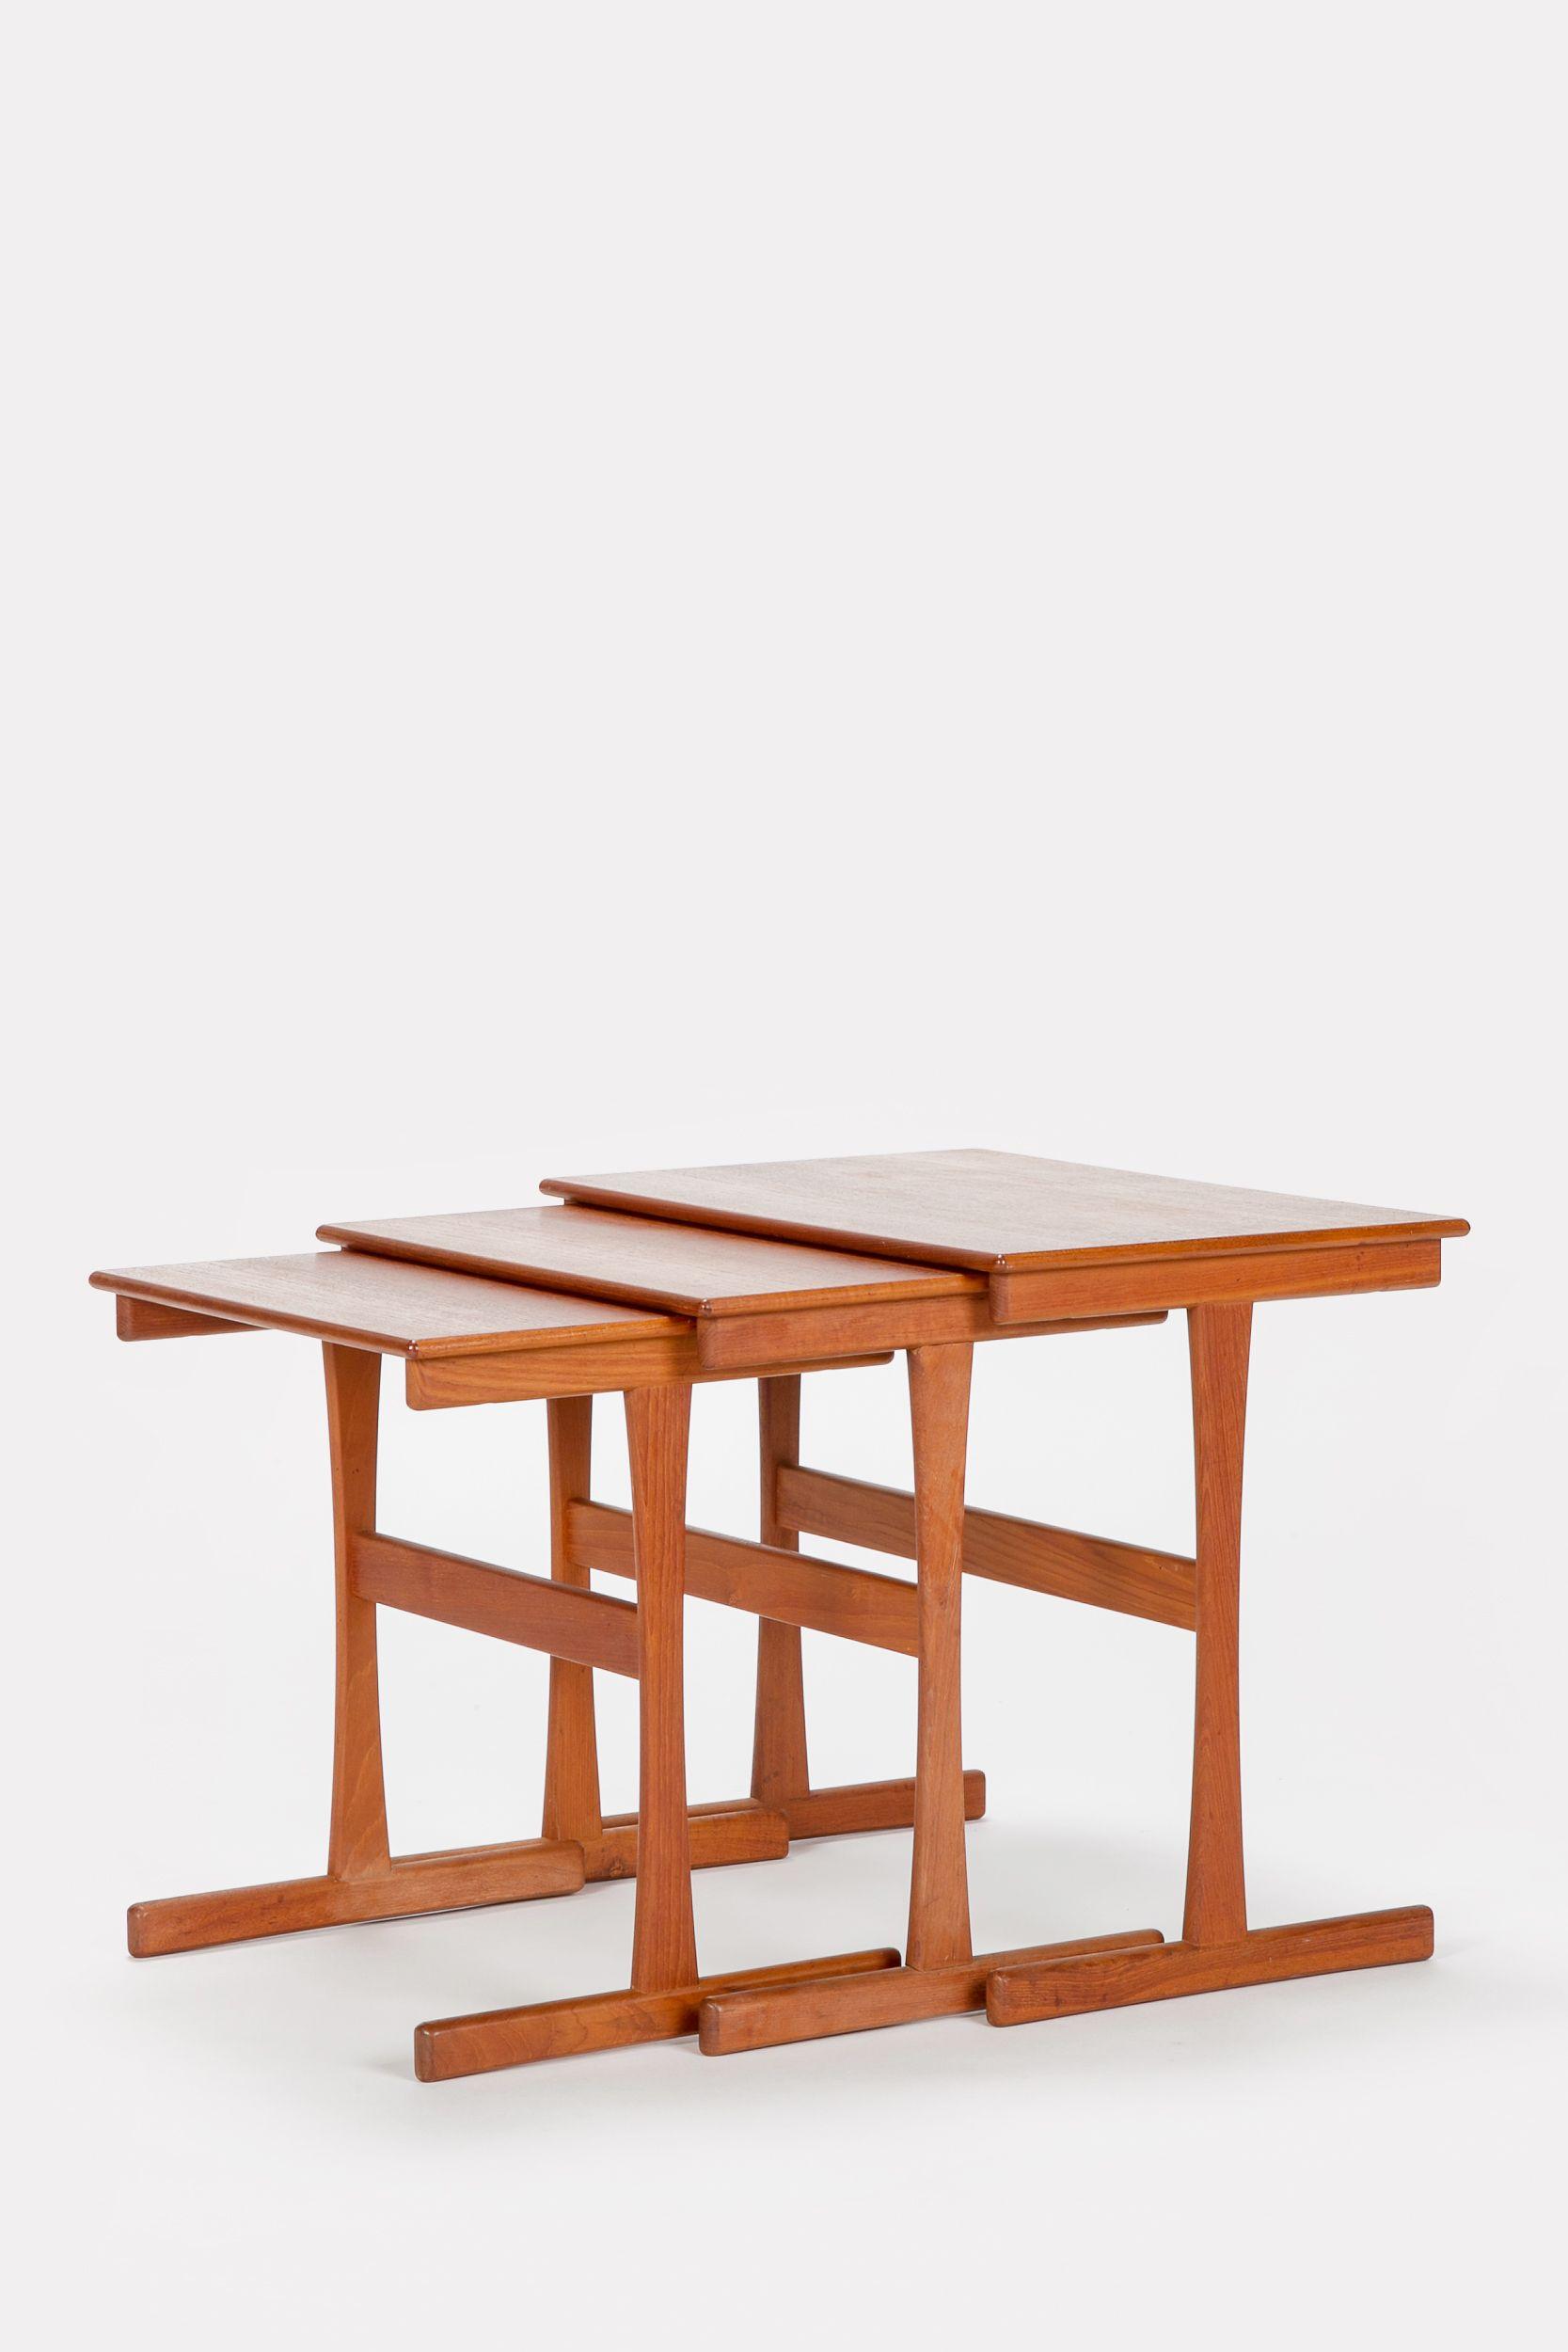 Teak Nesting Tables Kai Kristiansen 60 S Okay Art Nesting Tables Teak Table